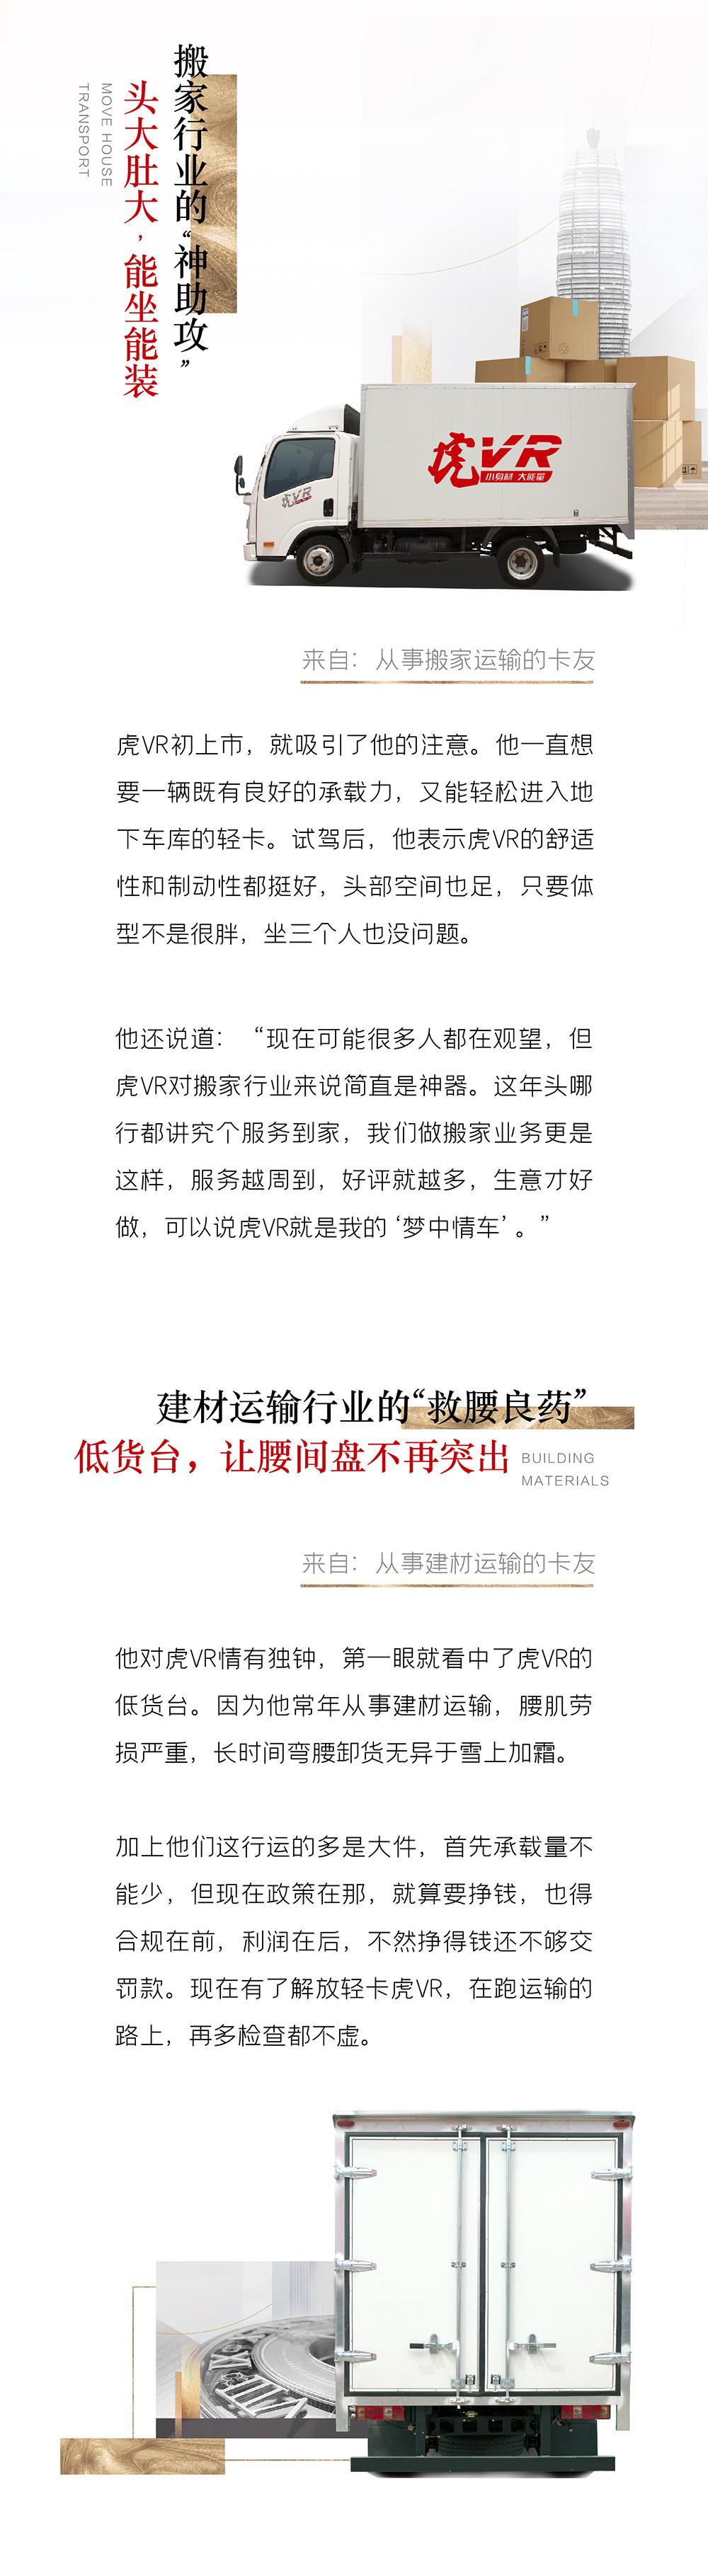 """虎VR一周年 天生与""""重""""不同"""